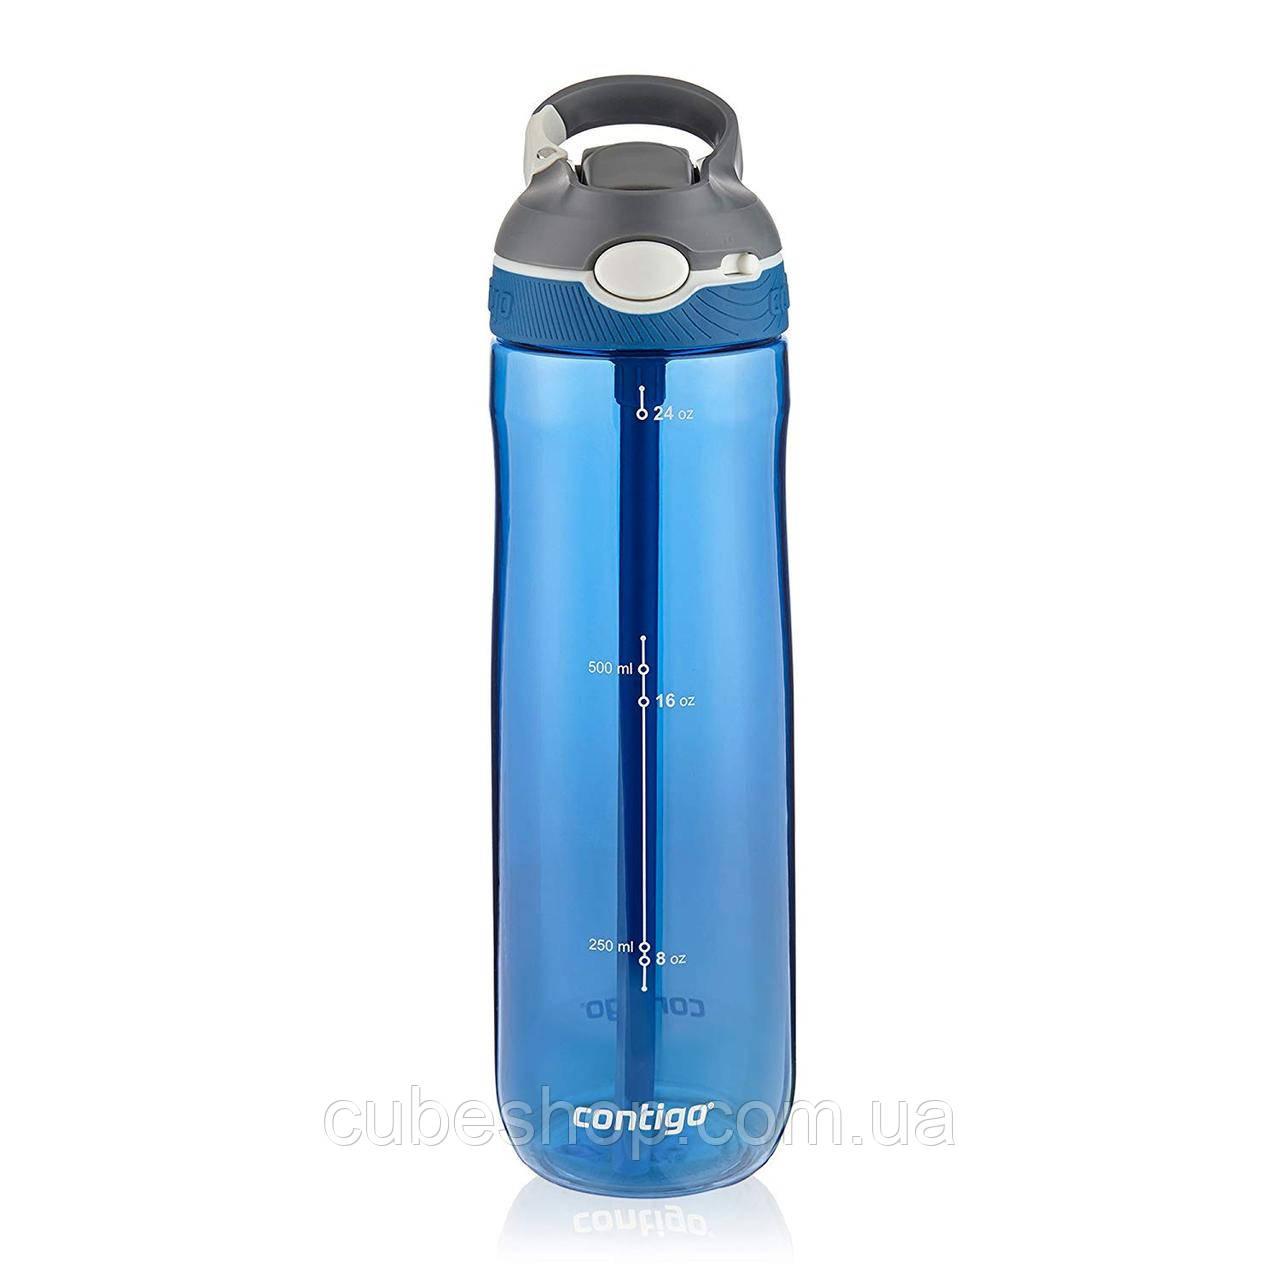 Спортивная бутылка для воды Contigo Ashland Monaco (720 мл)